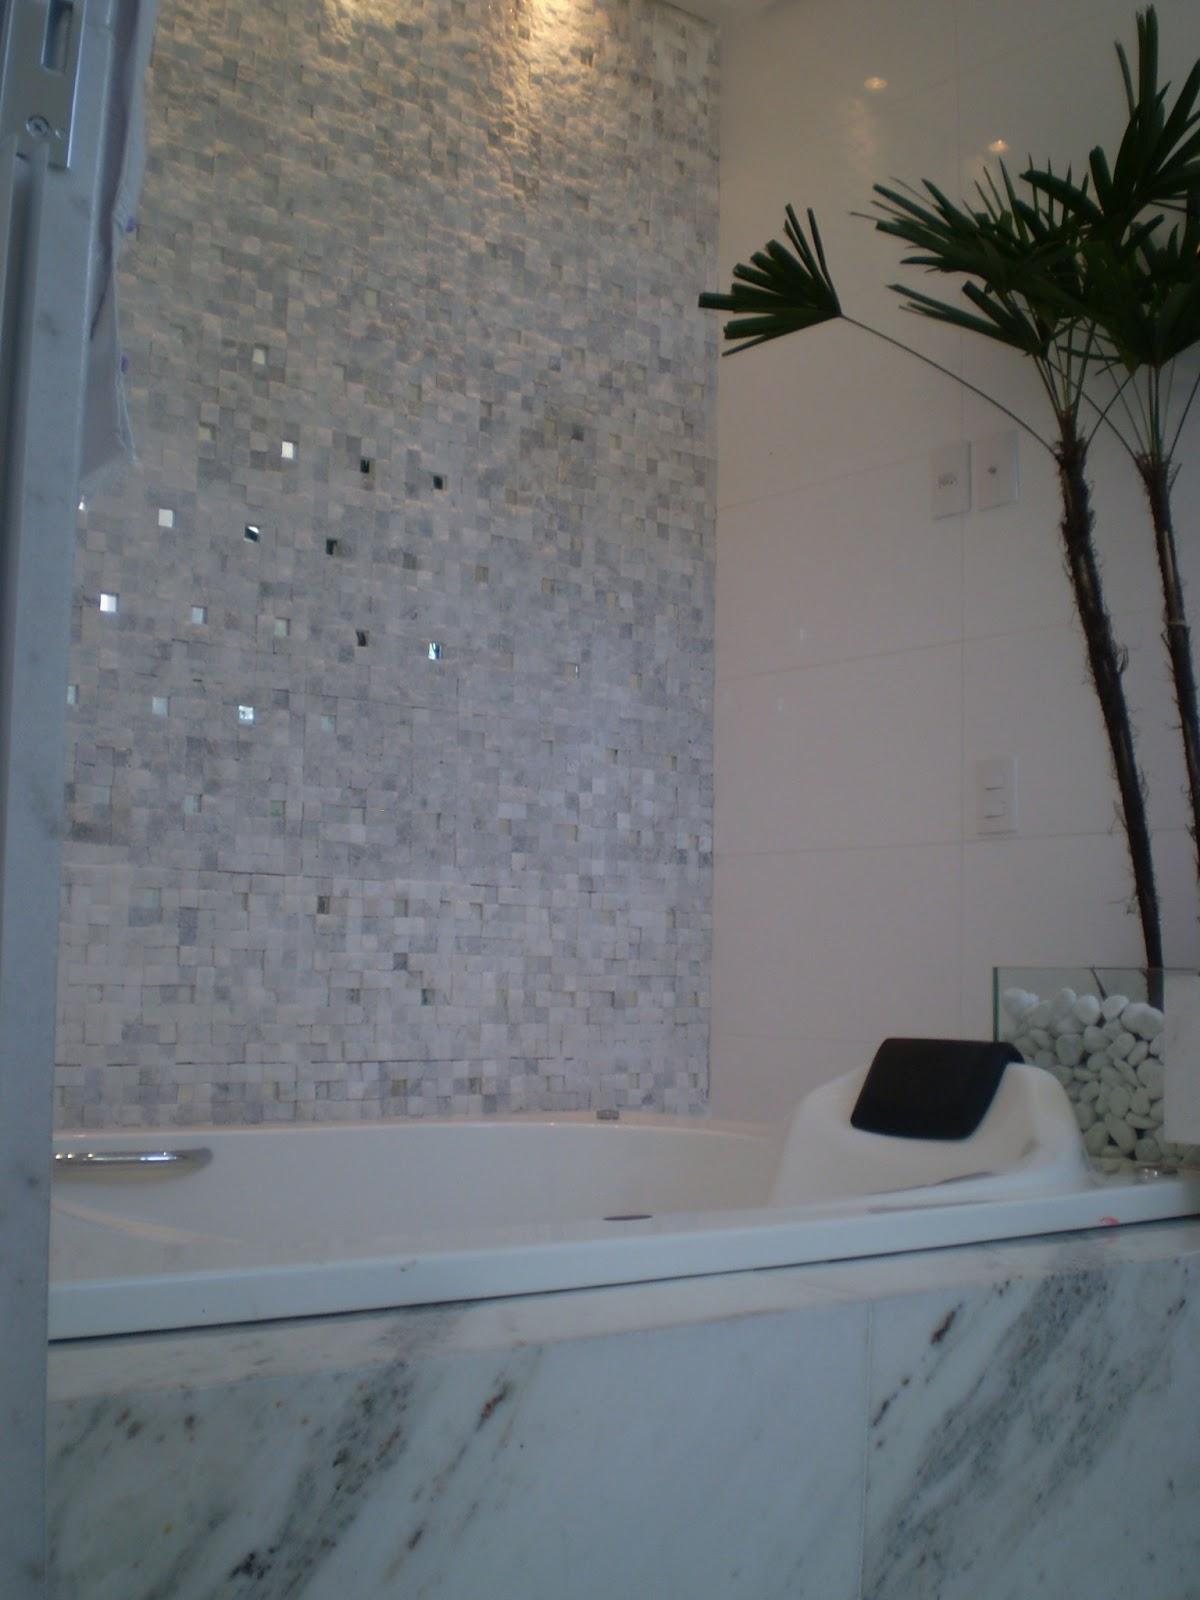 tv na parede da banheira tão vendo (alí perto do verdinho da planta  #9E6E2D 1200 1600